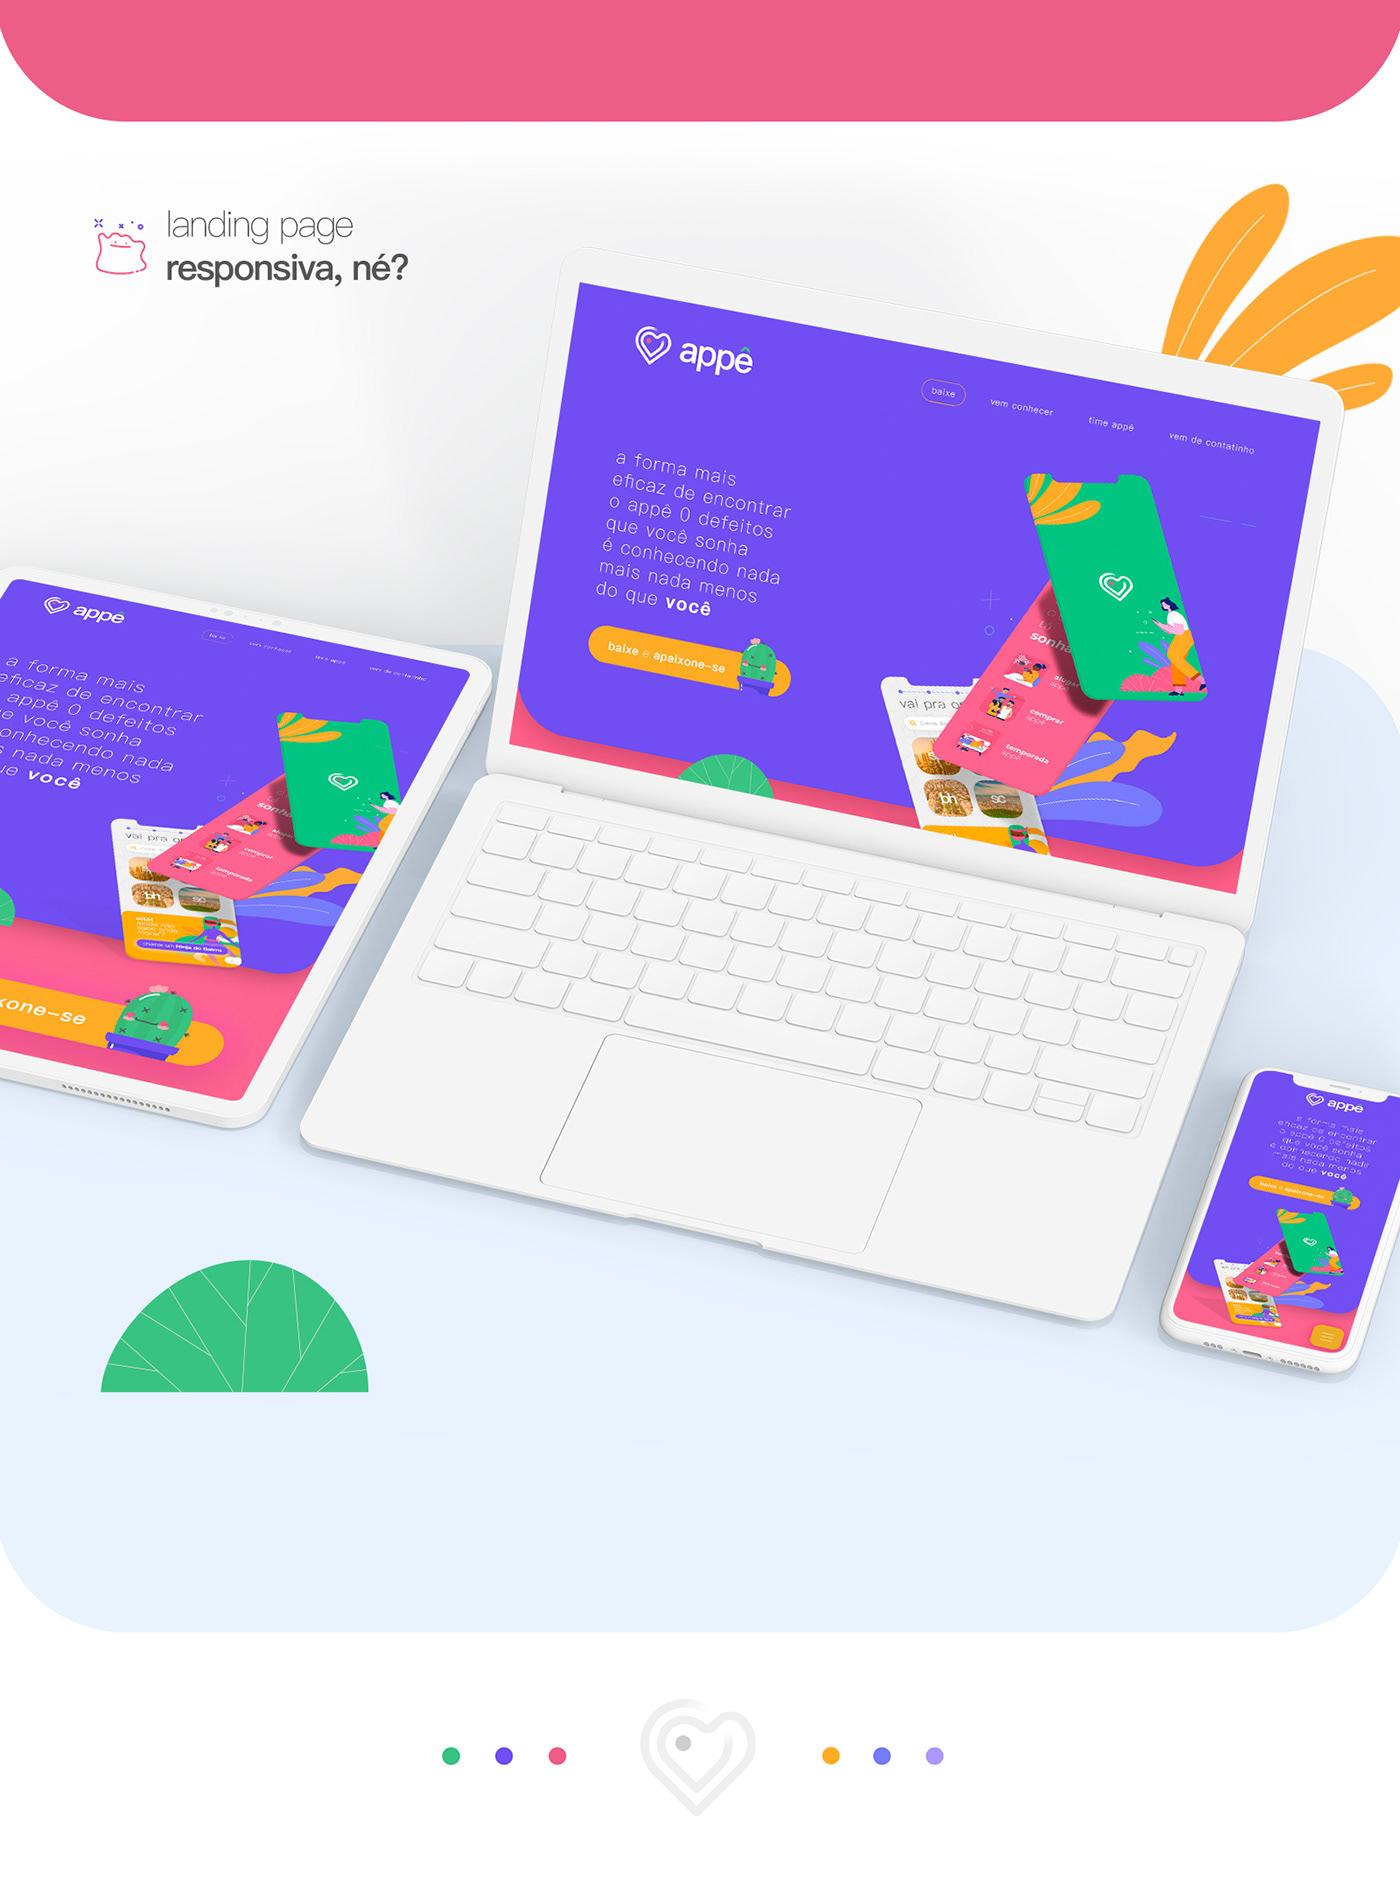 Aluguel aplicativo app branding  imóvel renting UI ui design ux UX design